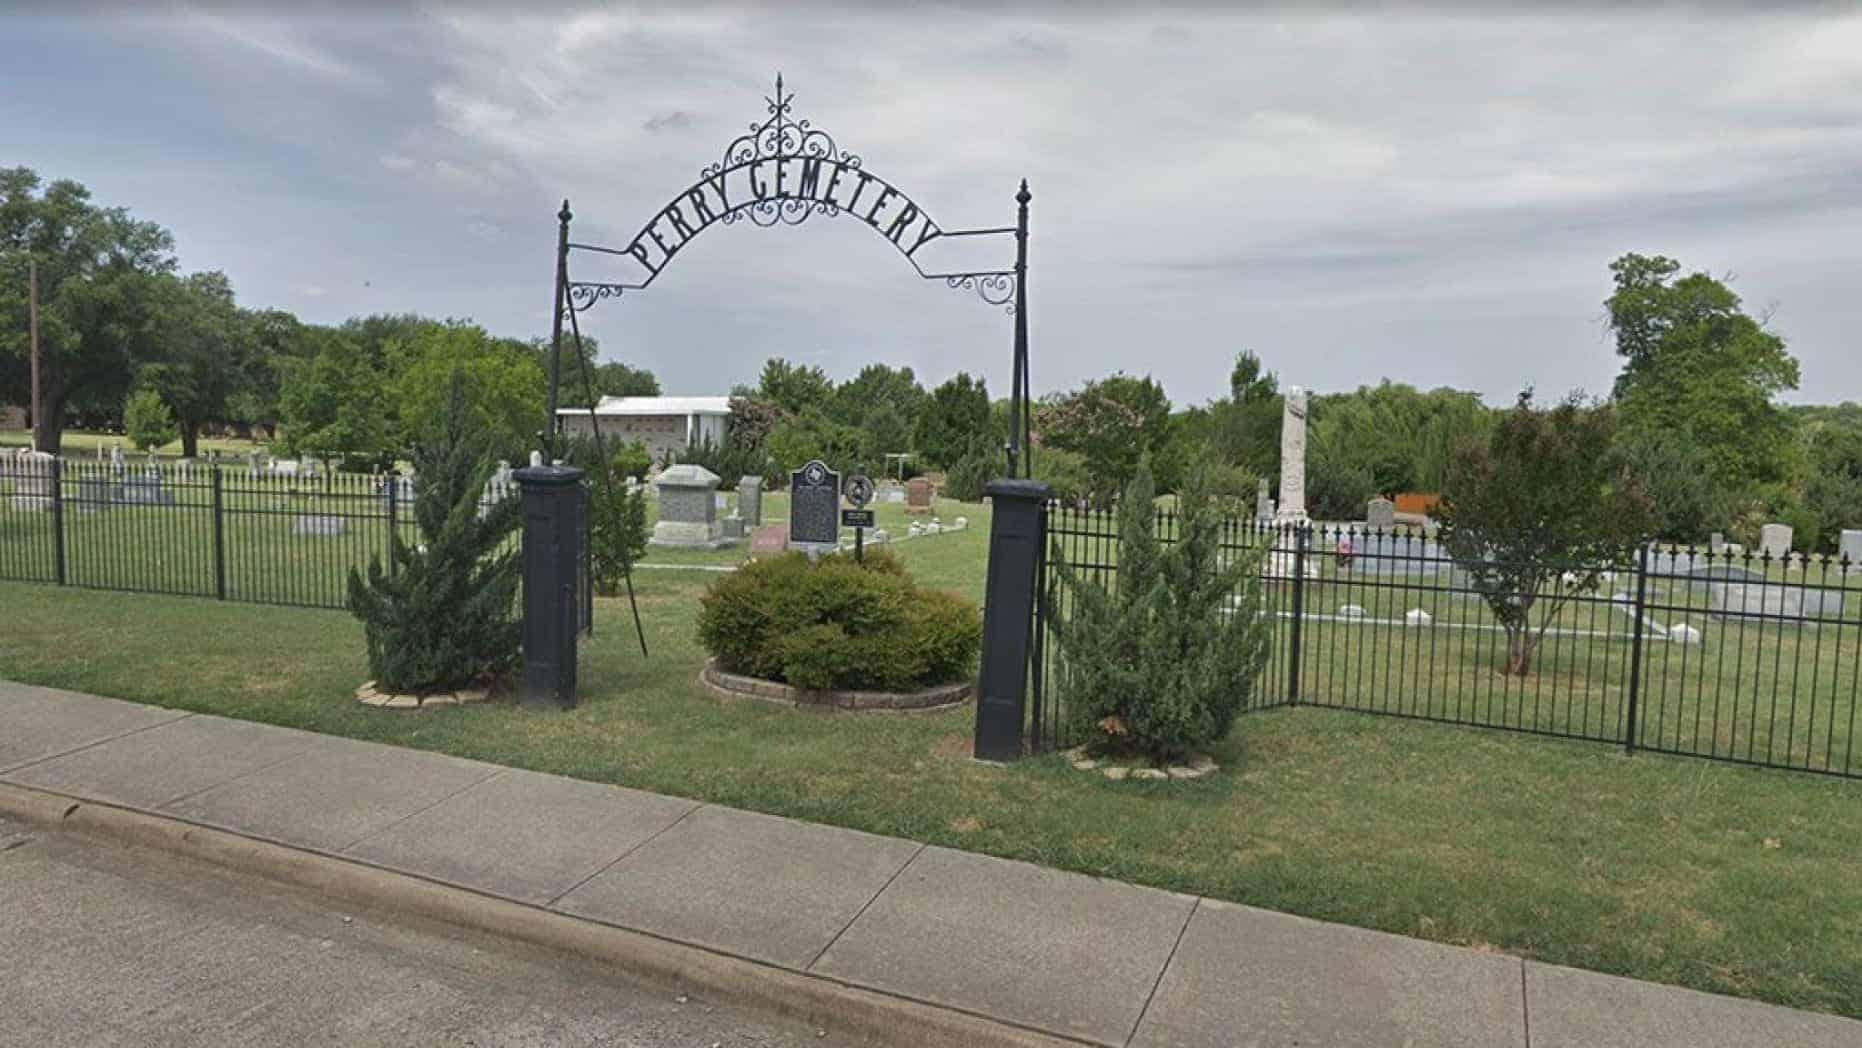 Foi nesse cemitério que a bebê foi achada